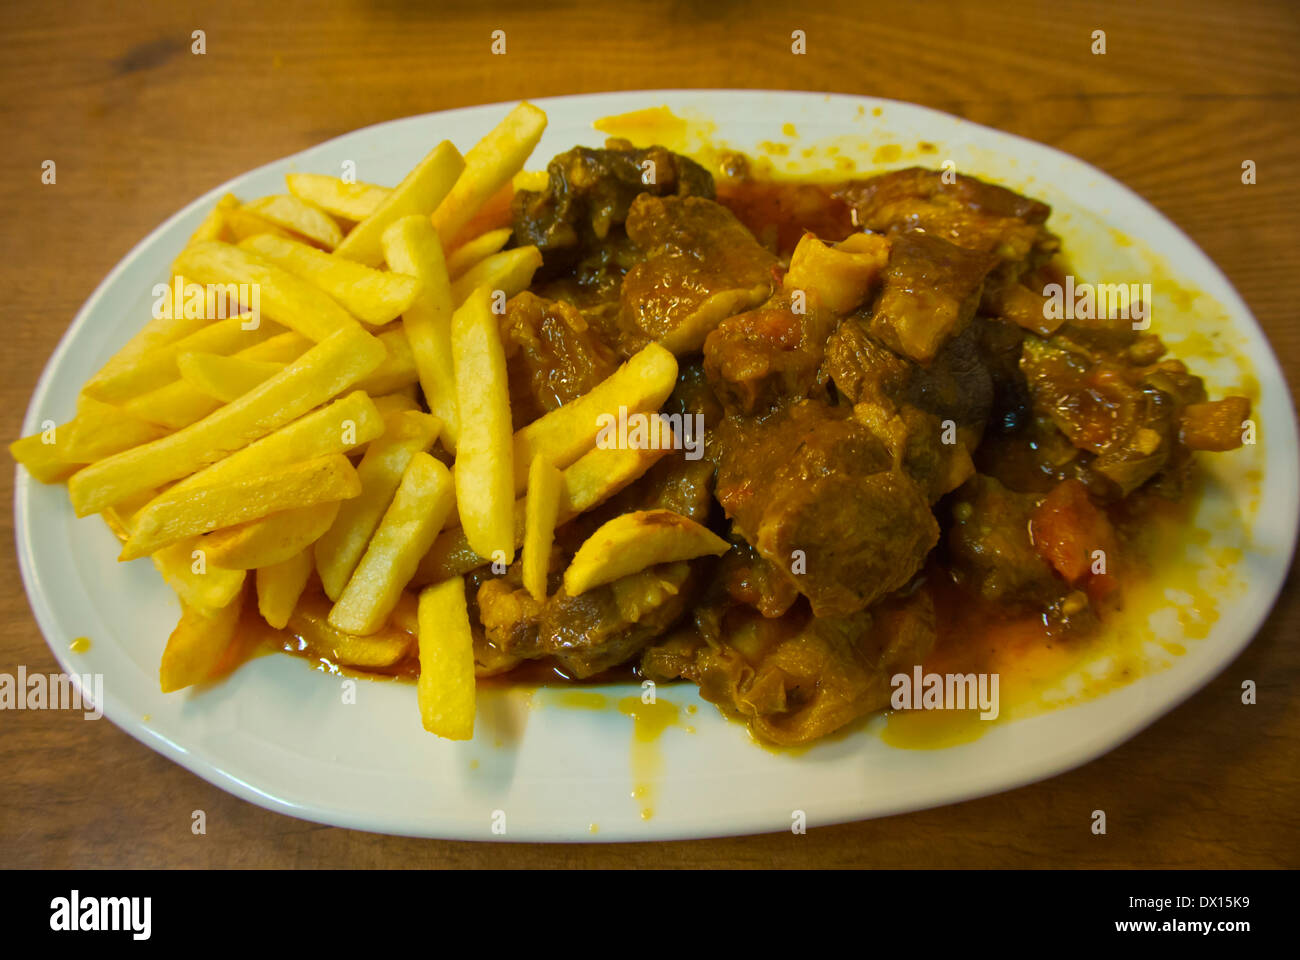 Ziegenfleisch-Eintopf mit Chips, Puerto del Rosaro, Fuerteventura, Kanarische Inseln, Spanien, Europa Stockbild